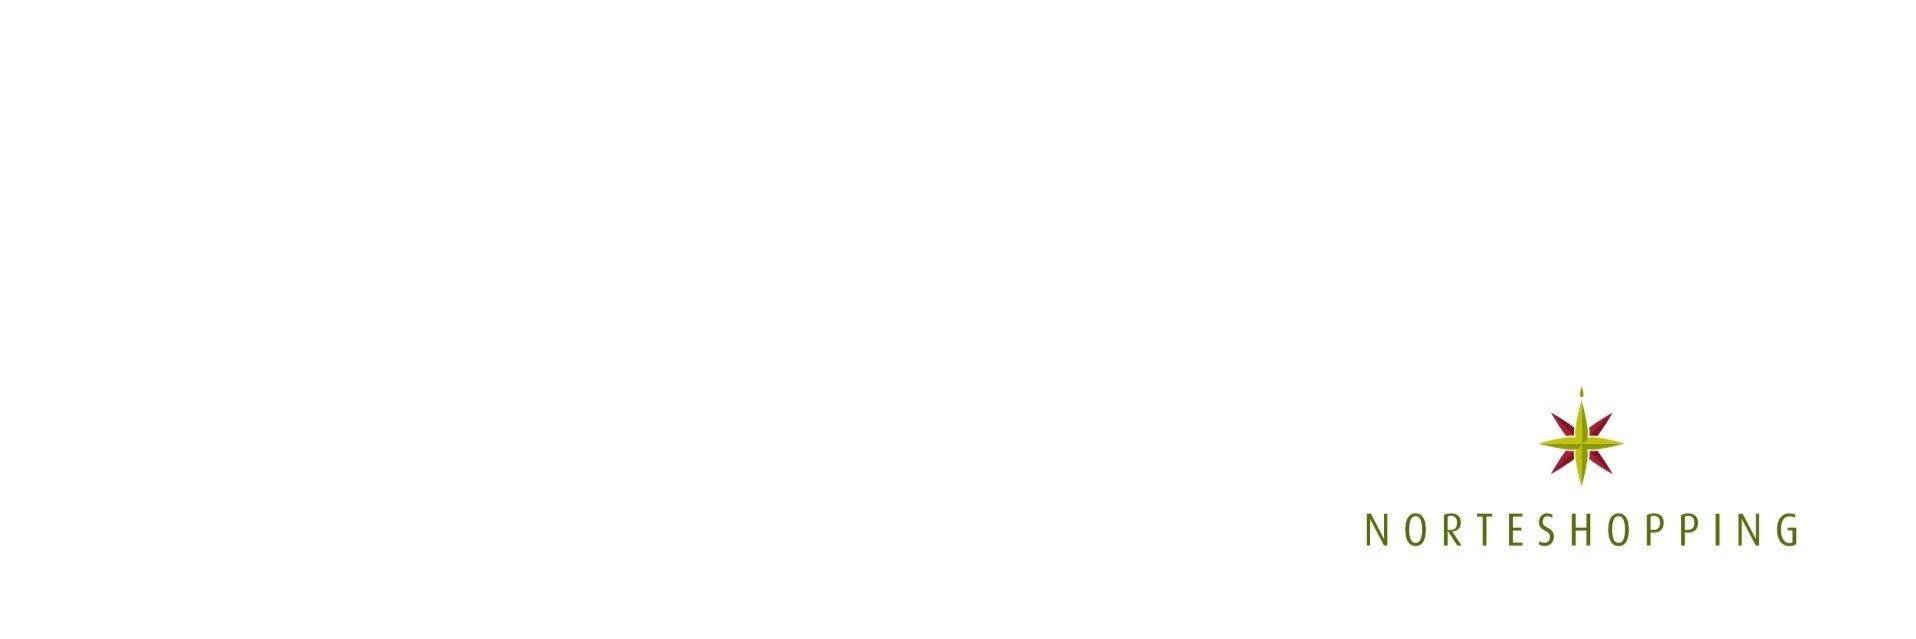 NorteShopping renova selo de higiene e segurança com certificação SGS